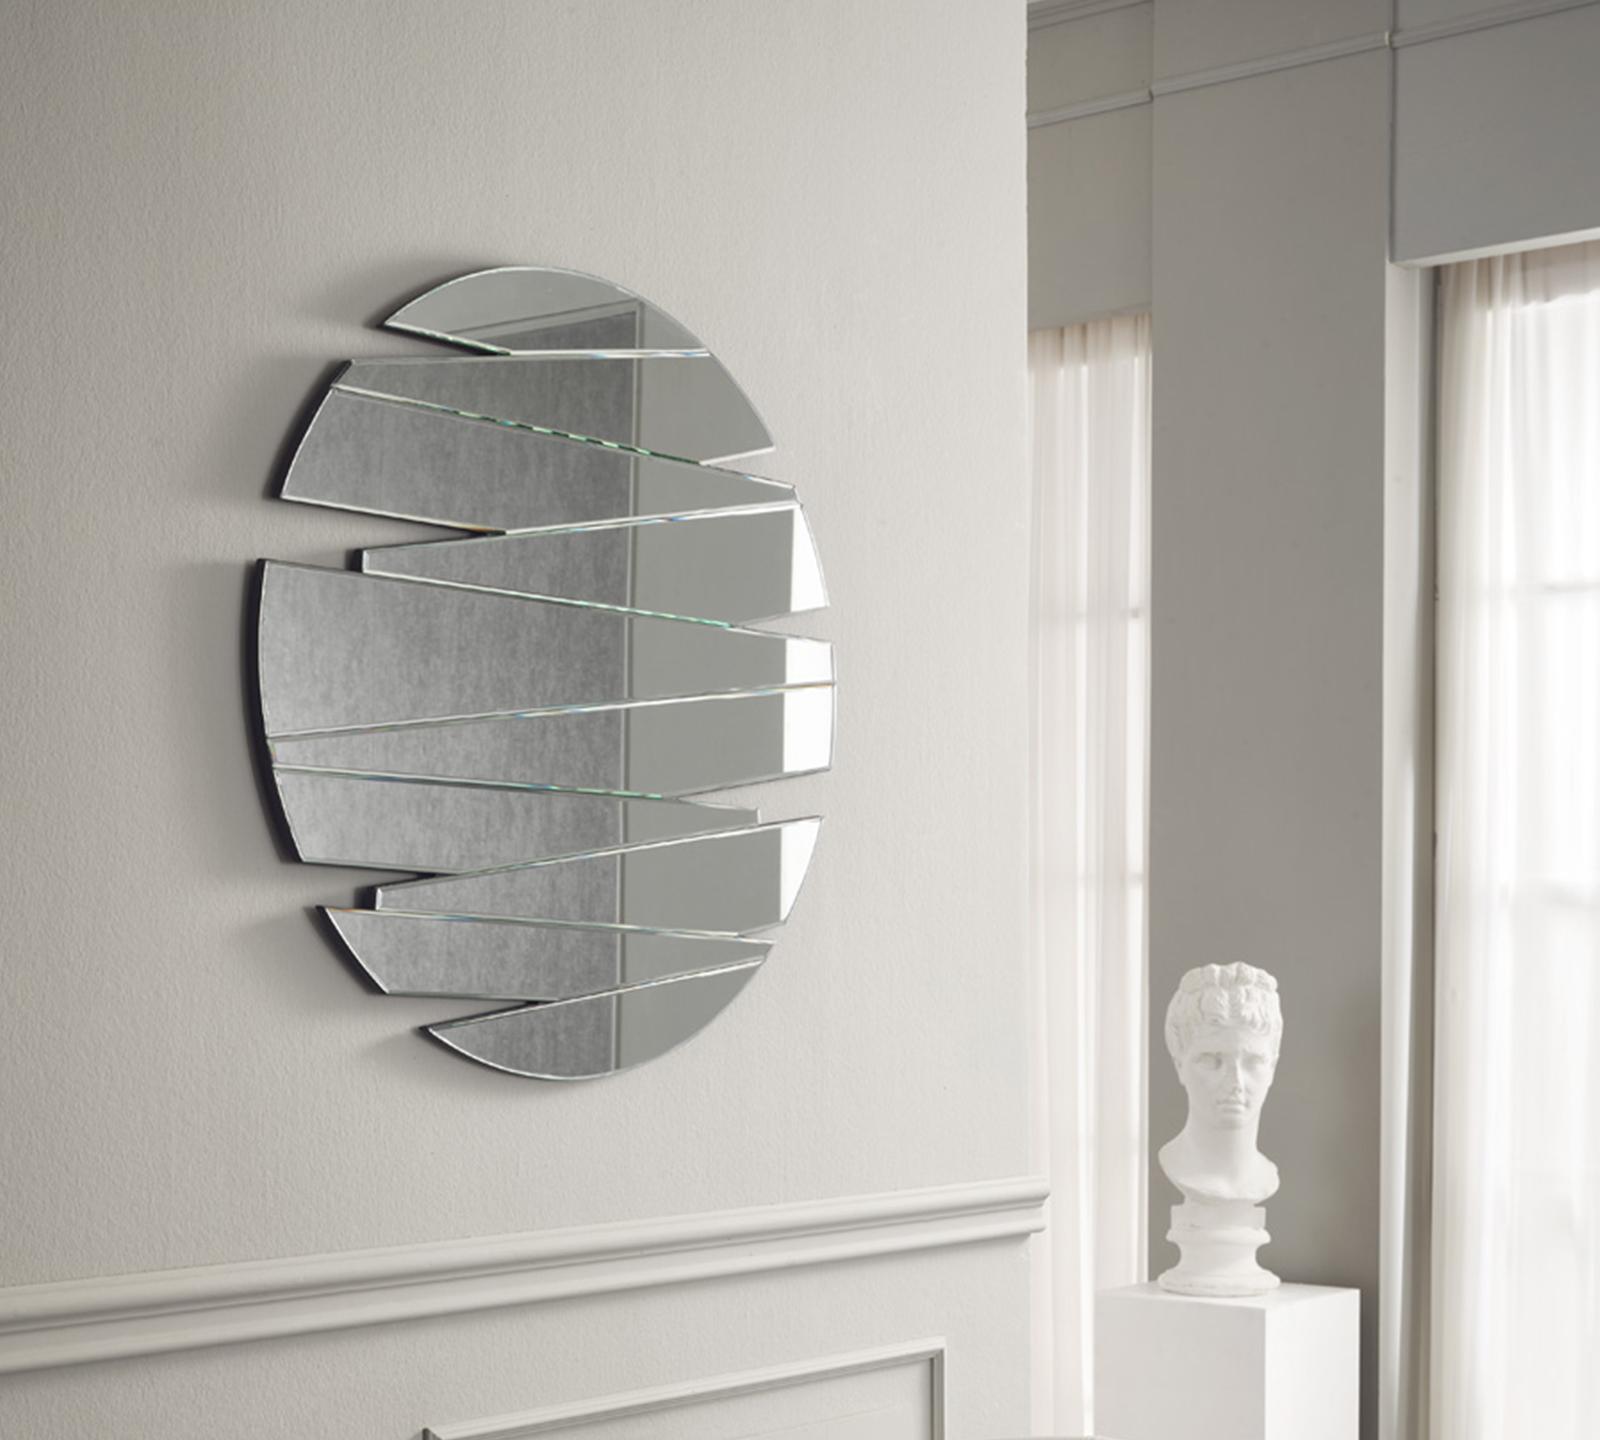 Specchio sp 021 duzzle for Specchio da parete camera amazon